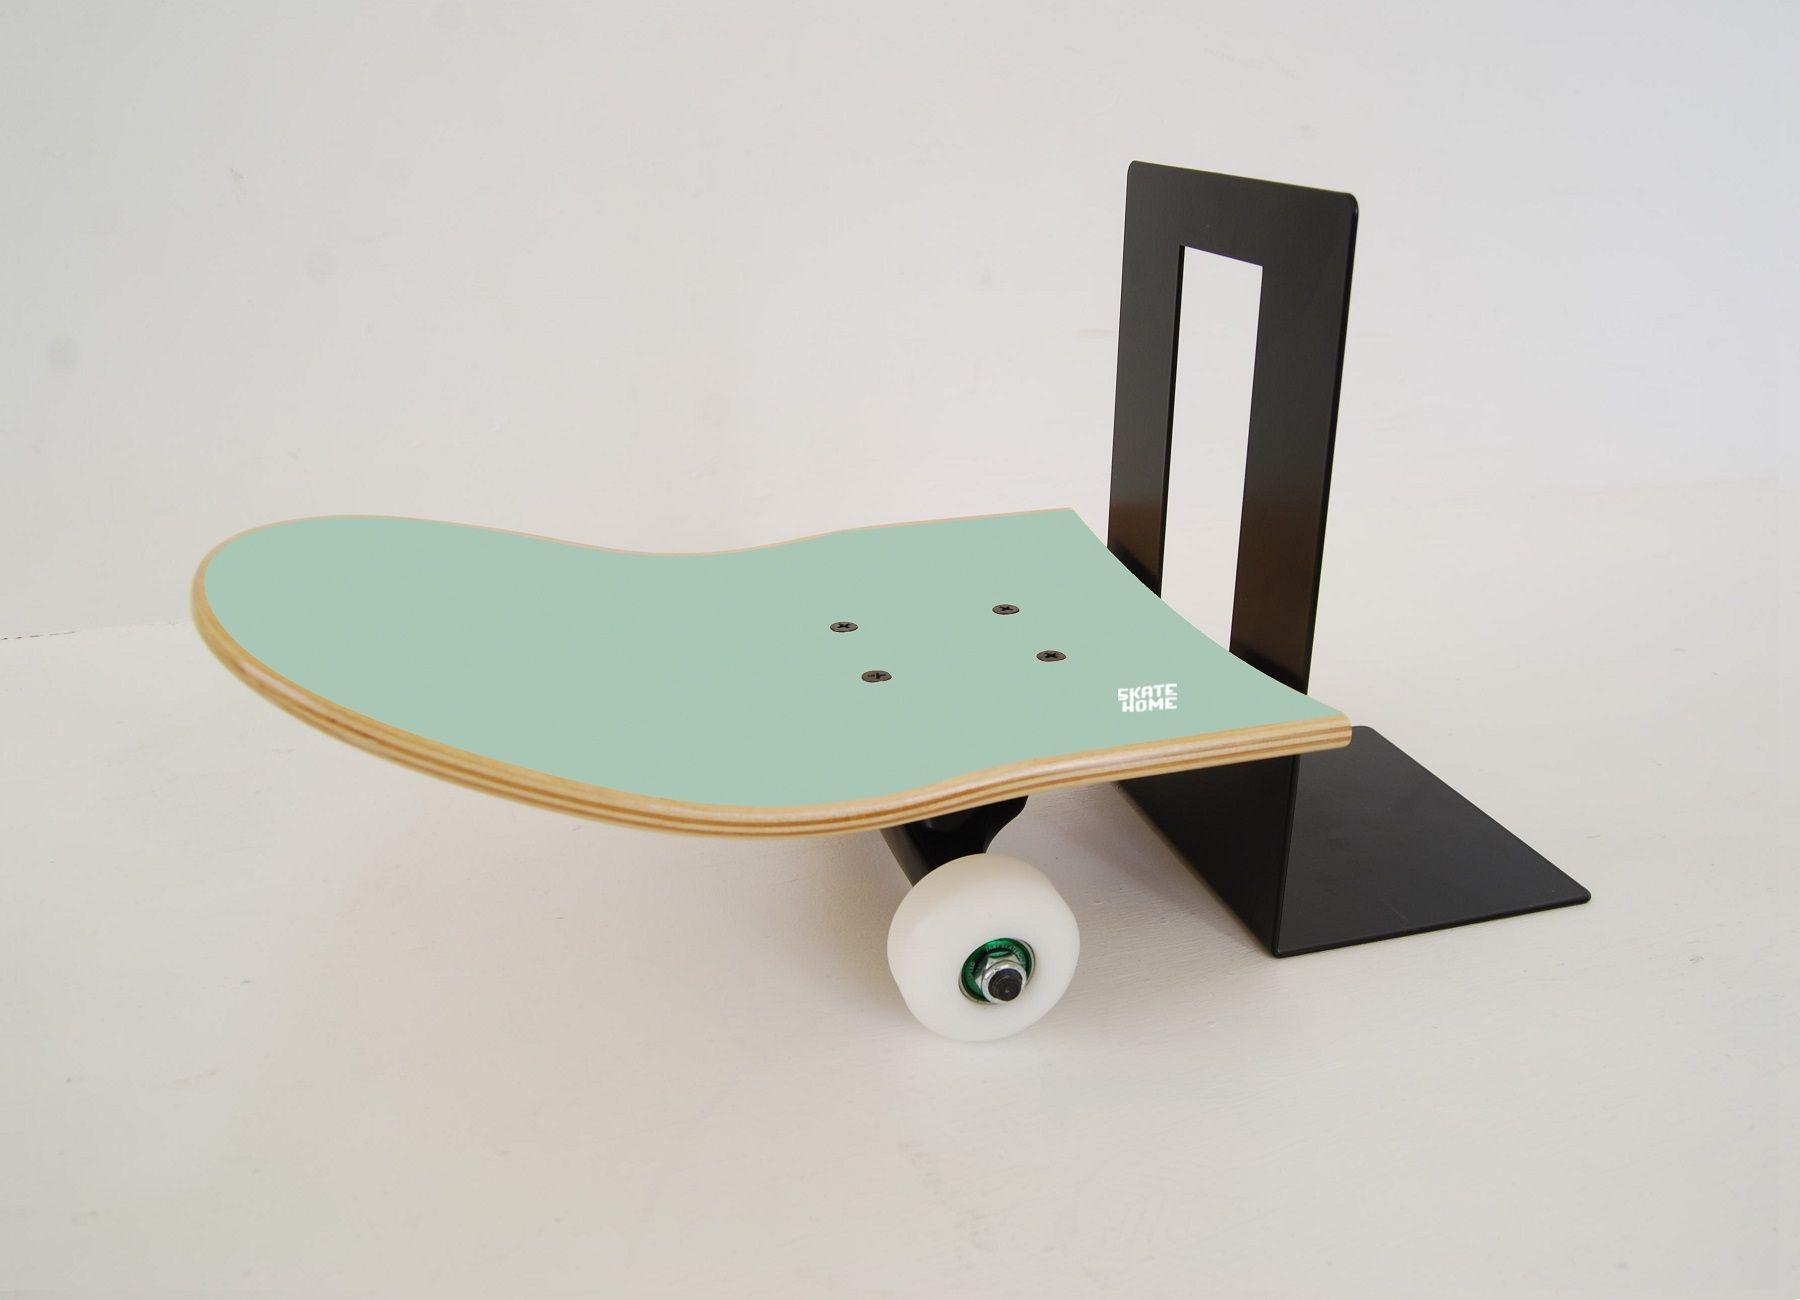 Collection Skateboard Complete furniture for Skateboarder , Skate Boobkend mint color